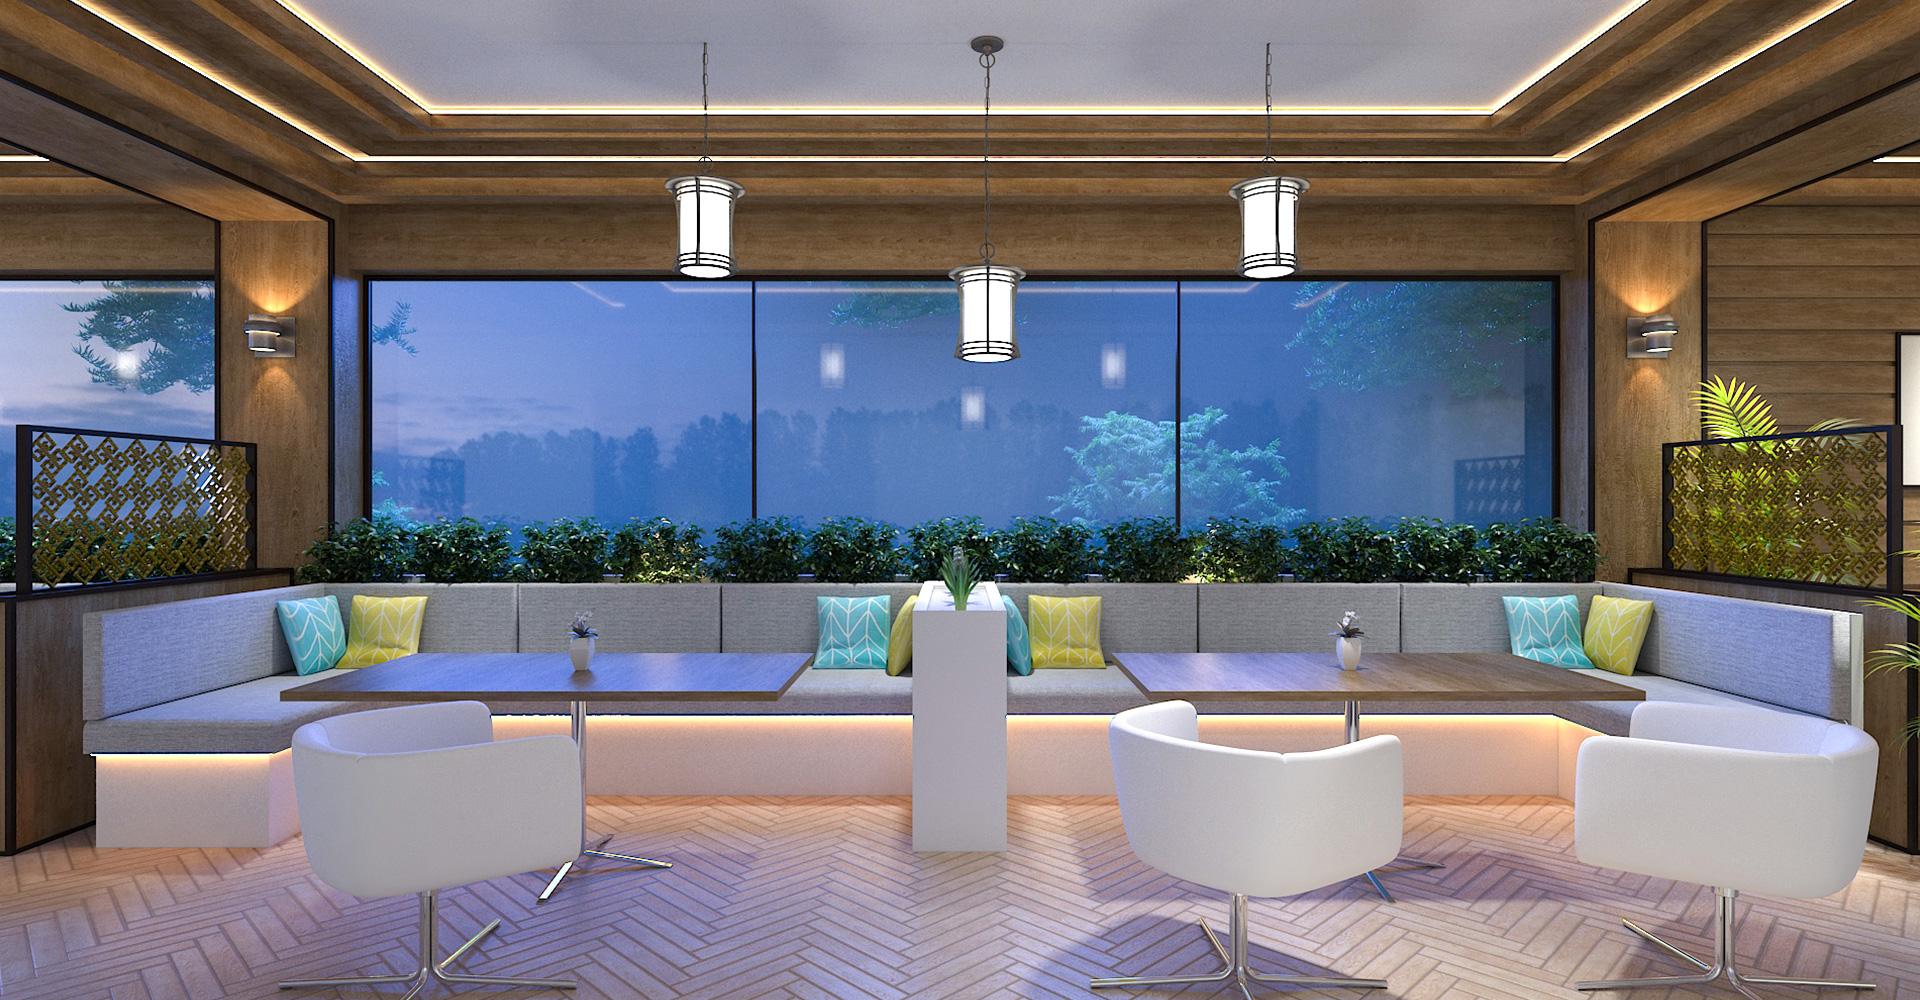 rstaurant-interior-design-hiline-lahore-portfolio-jasmine-mall-03